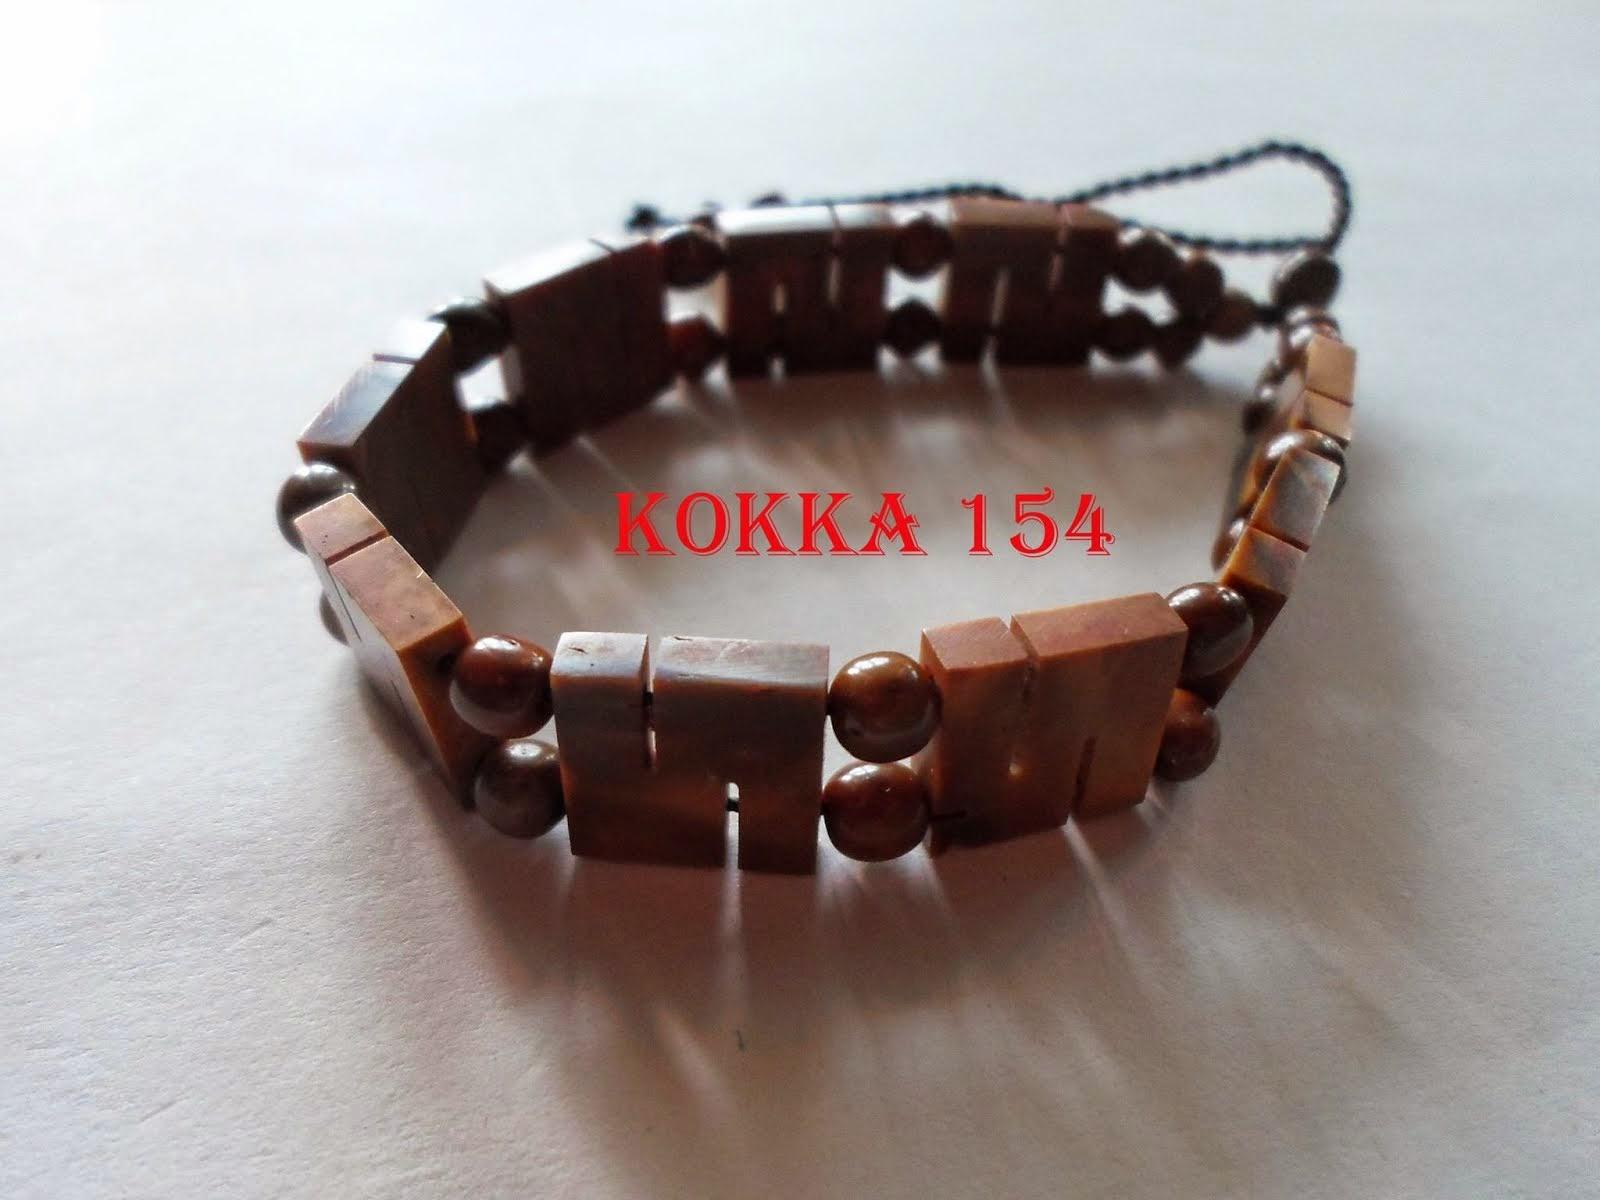 KOKKA 154